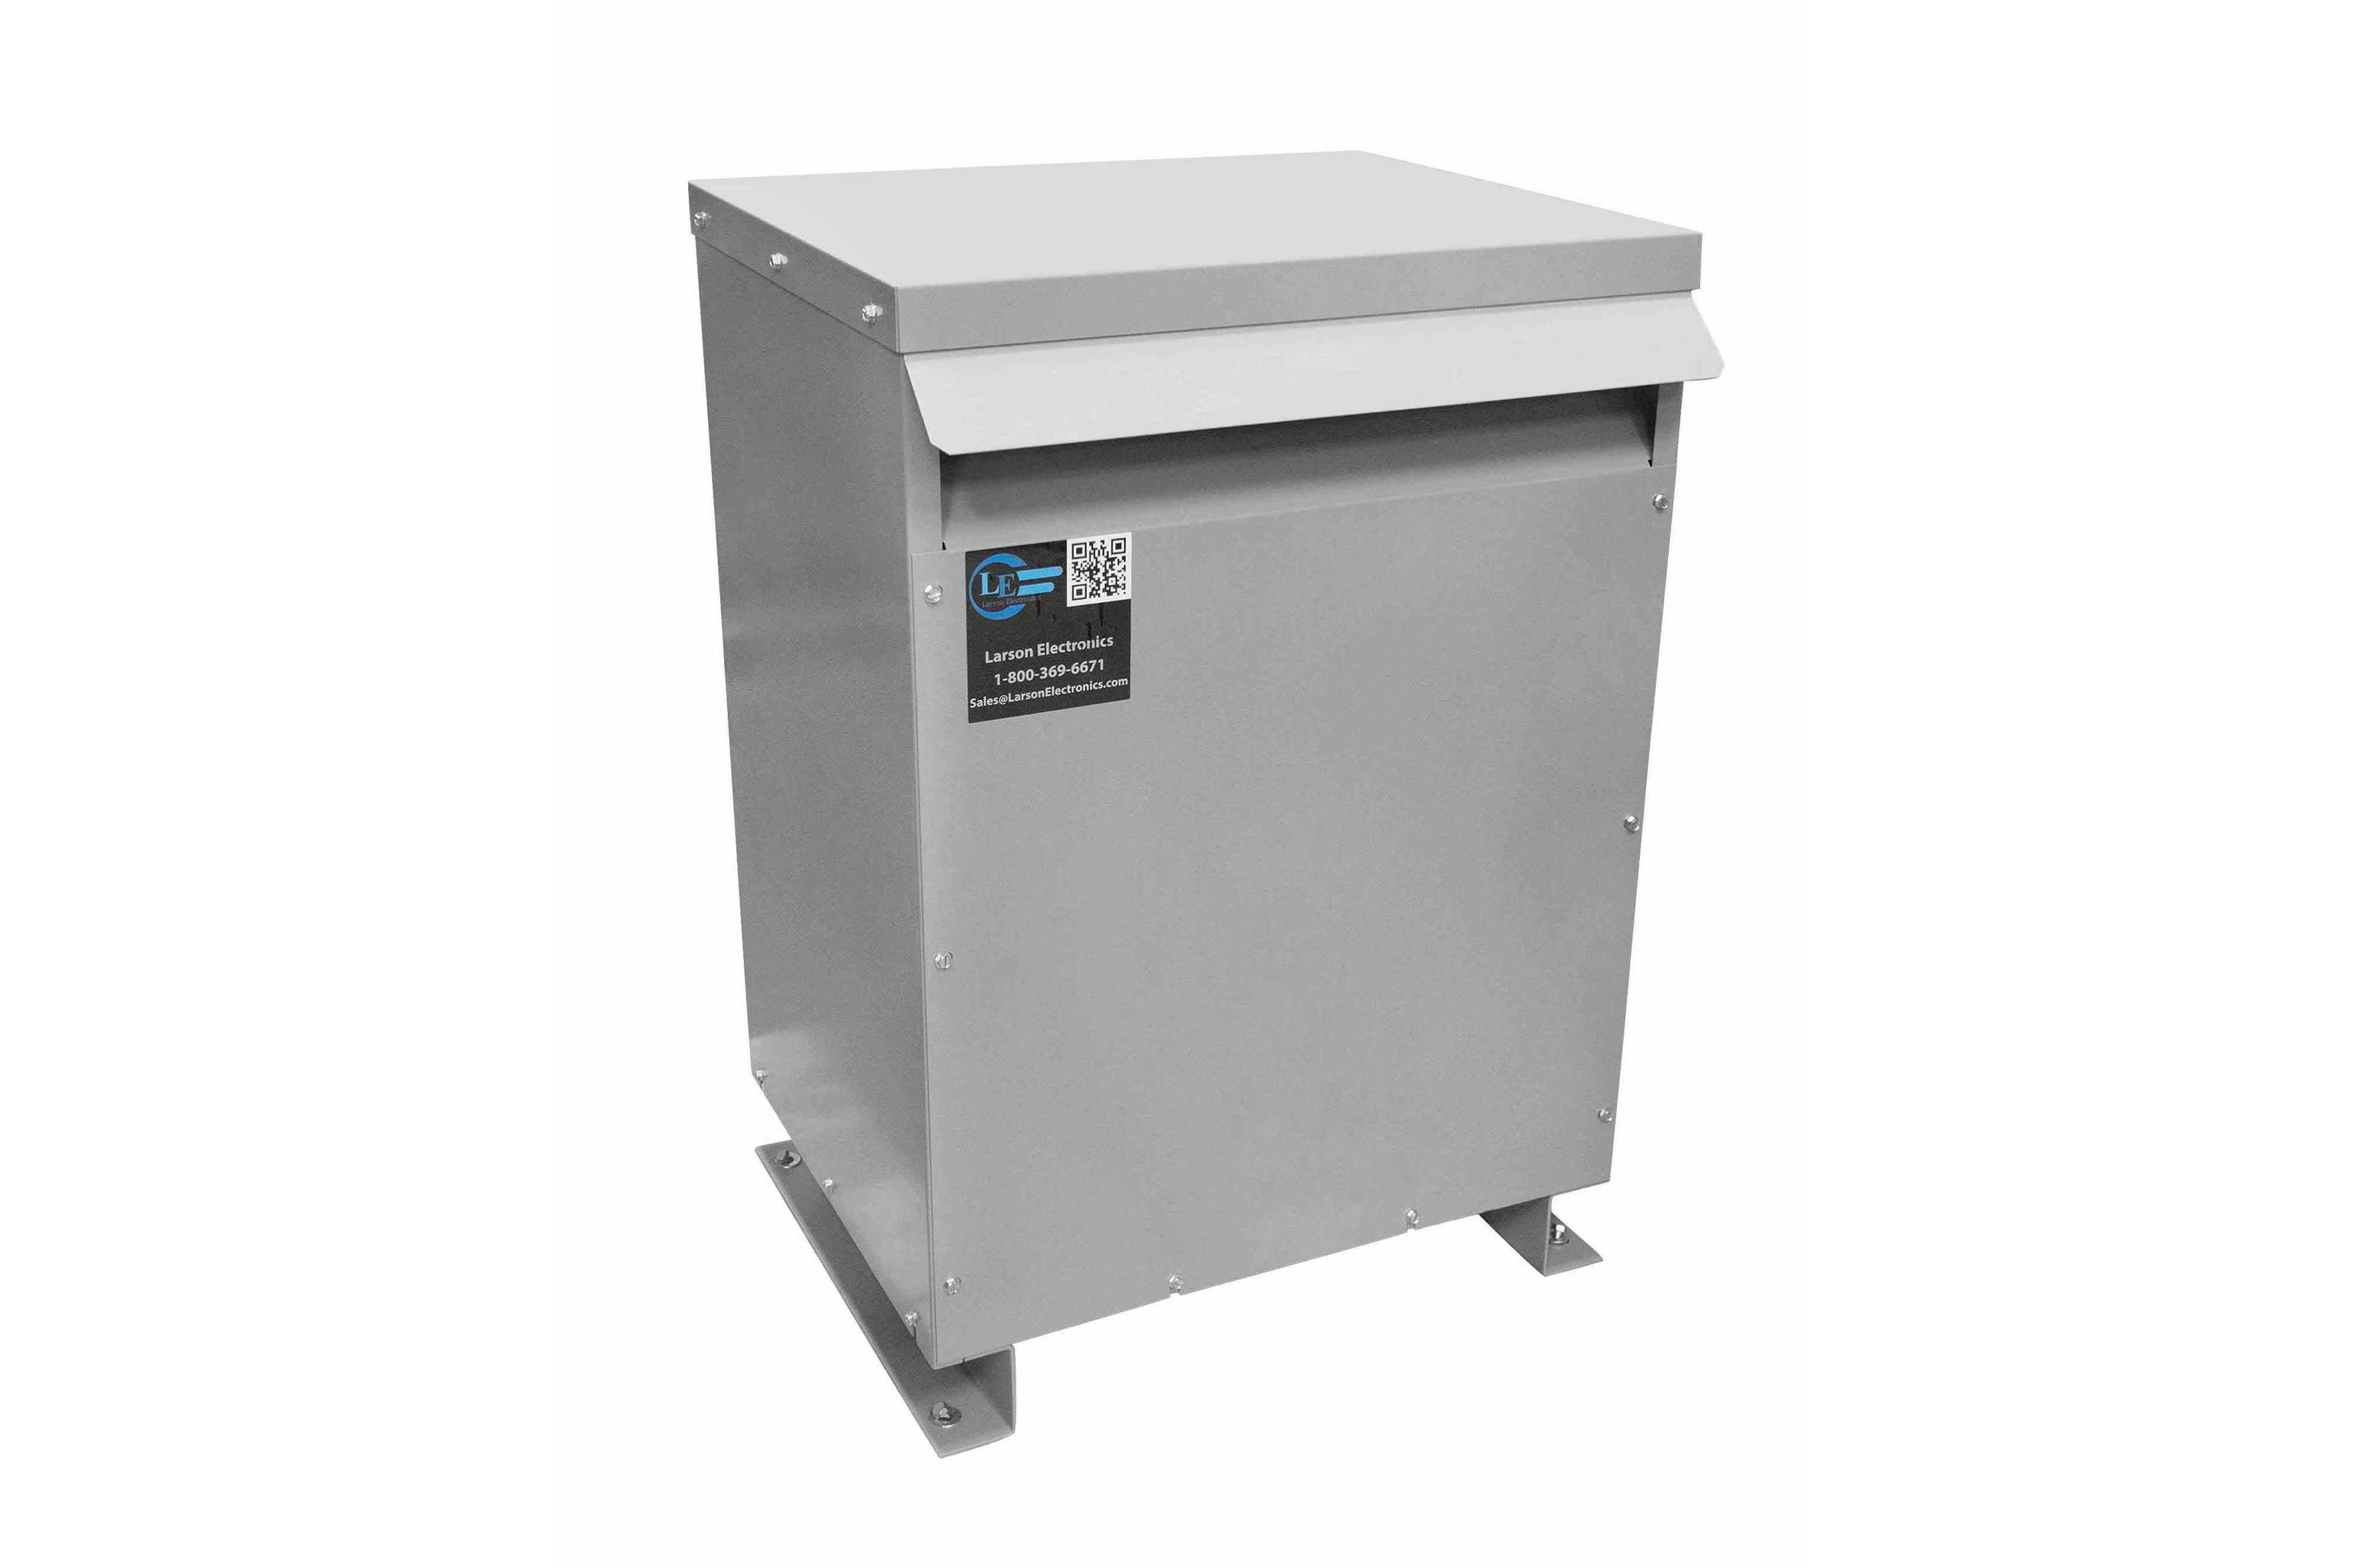 15 kVA 3PH Isolation Transformer, 230V Delta Primary, 208V Delta Secondary, N3R, Ventilated, 60 Hz